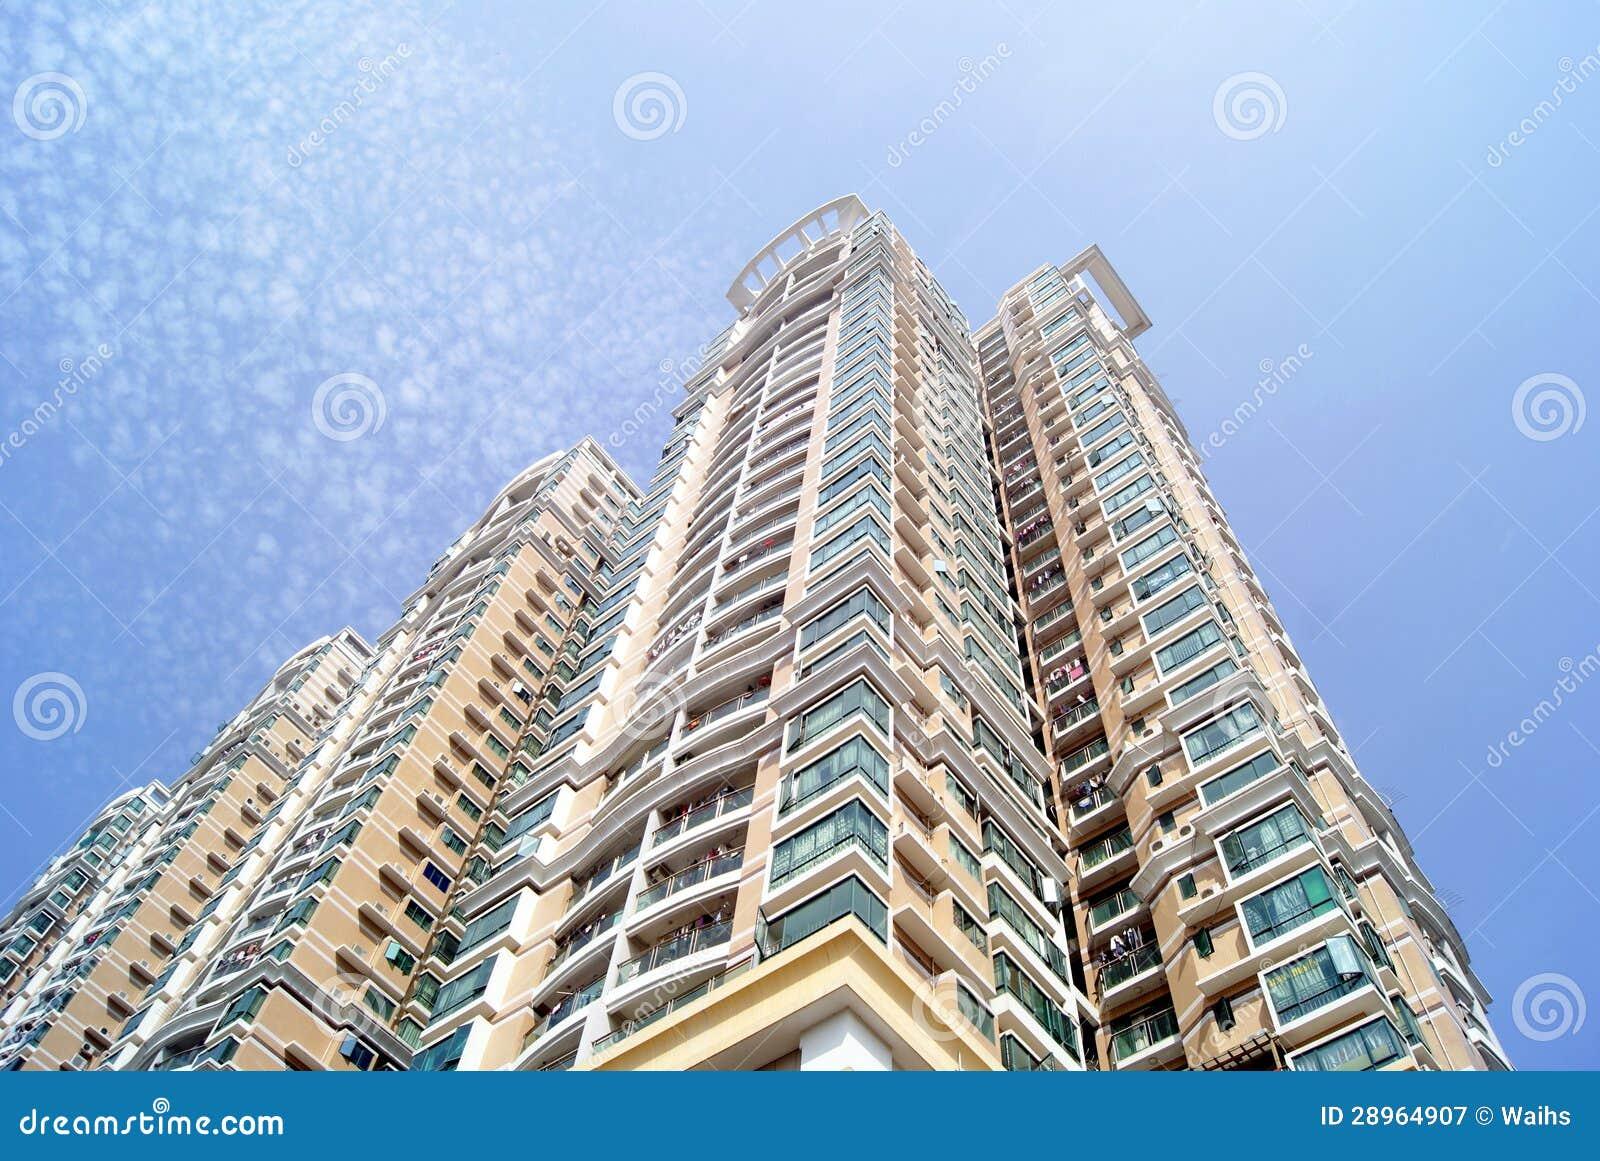 Miastowa budowa i budynki mieszkalne